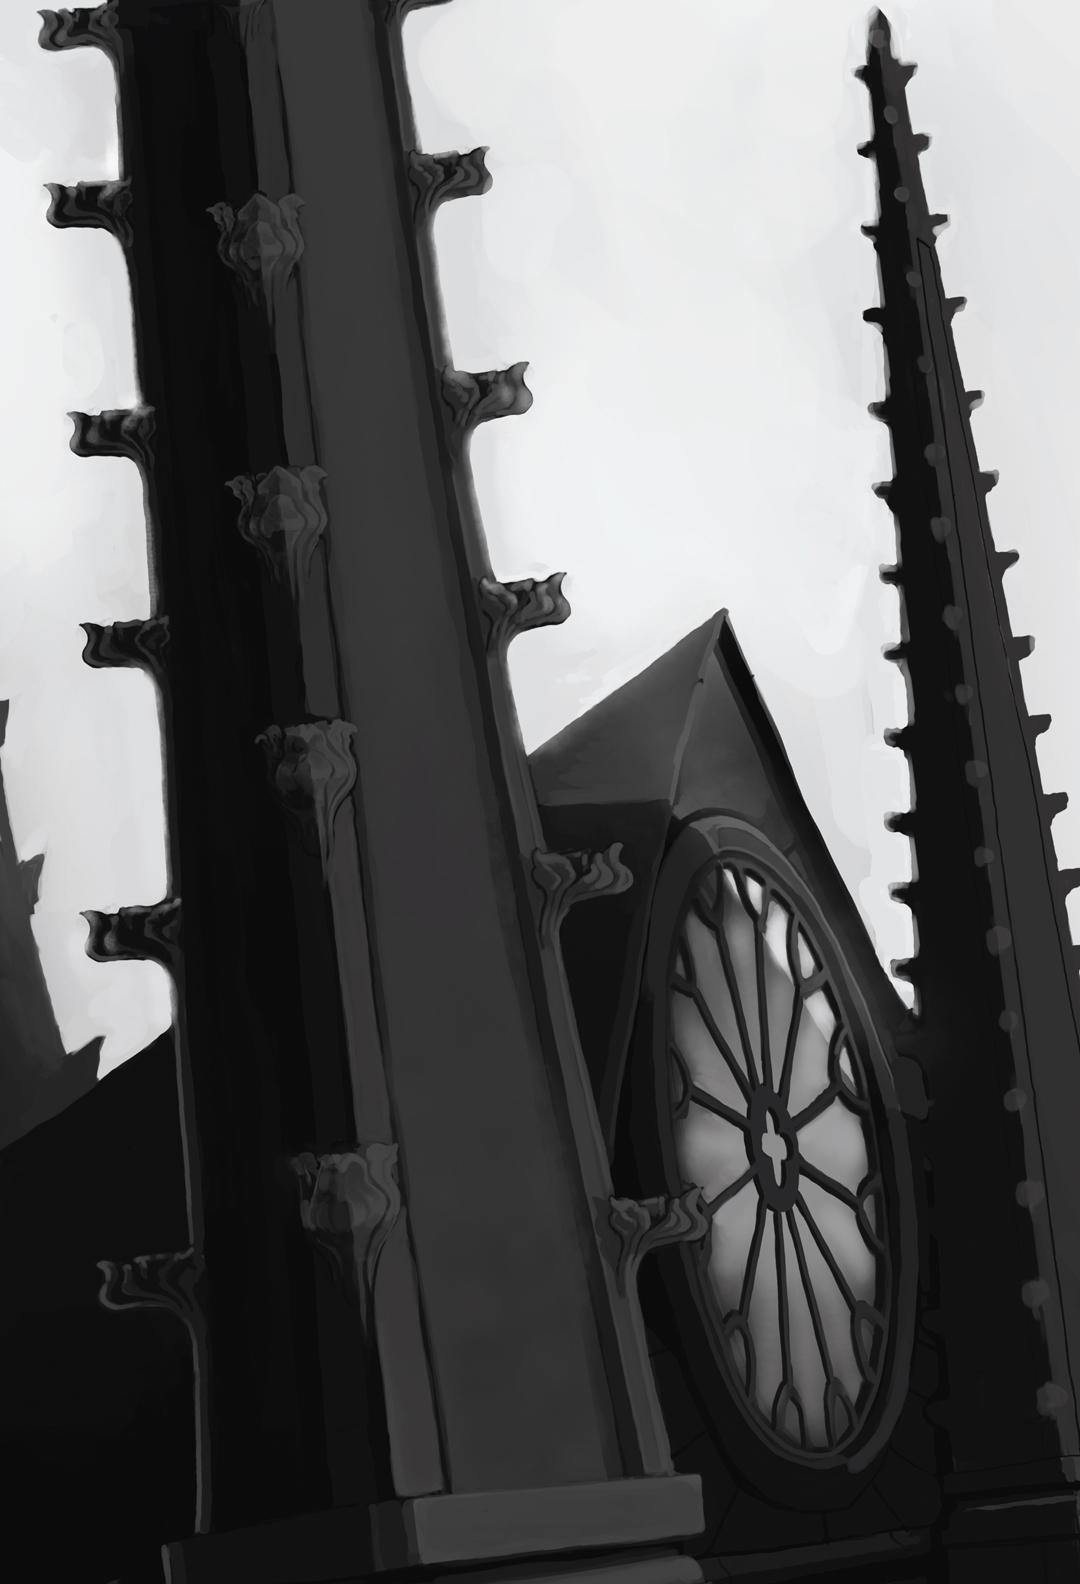 Gothic v1.jpg